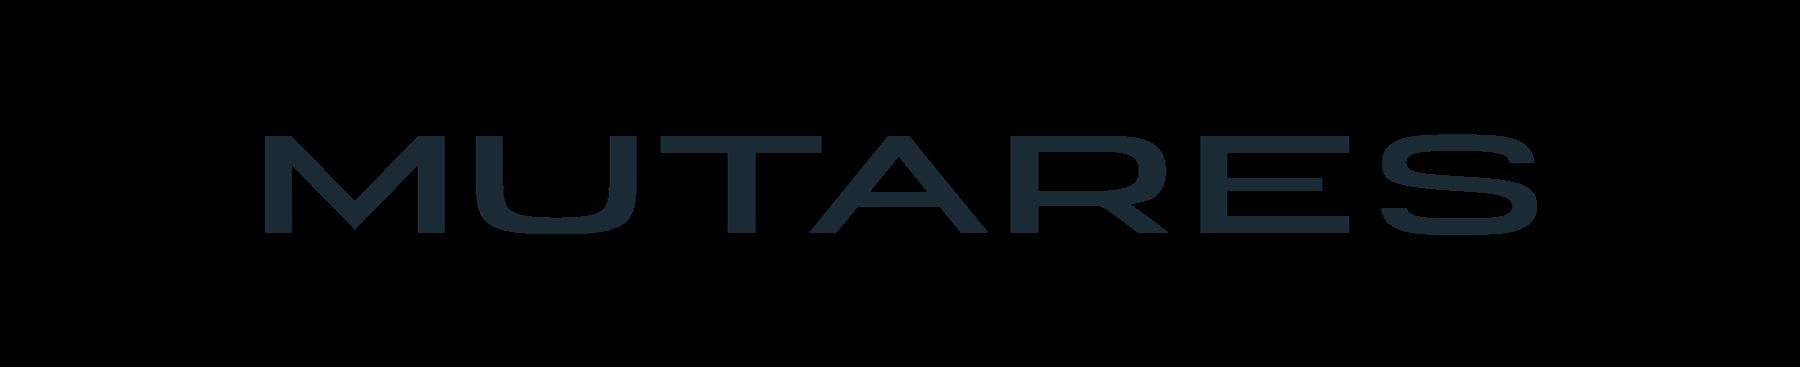 2018_logo-mutares-002